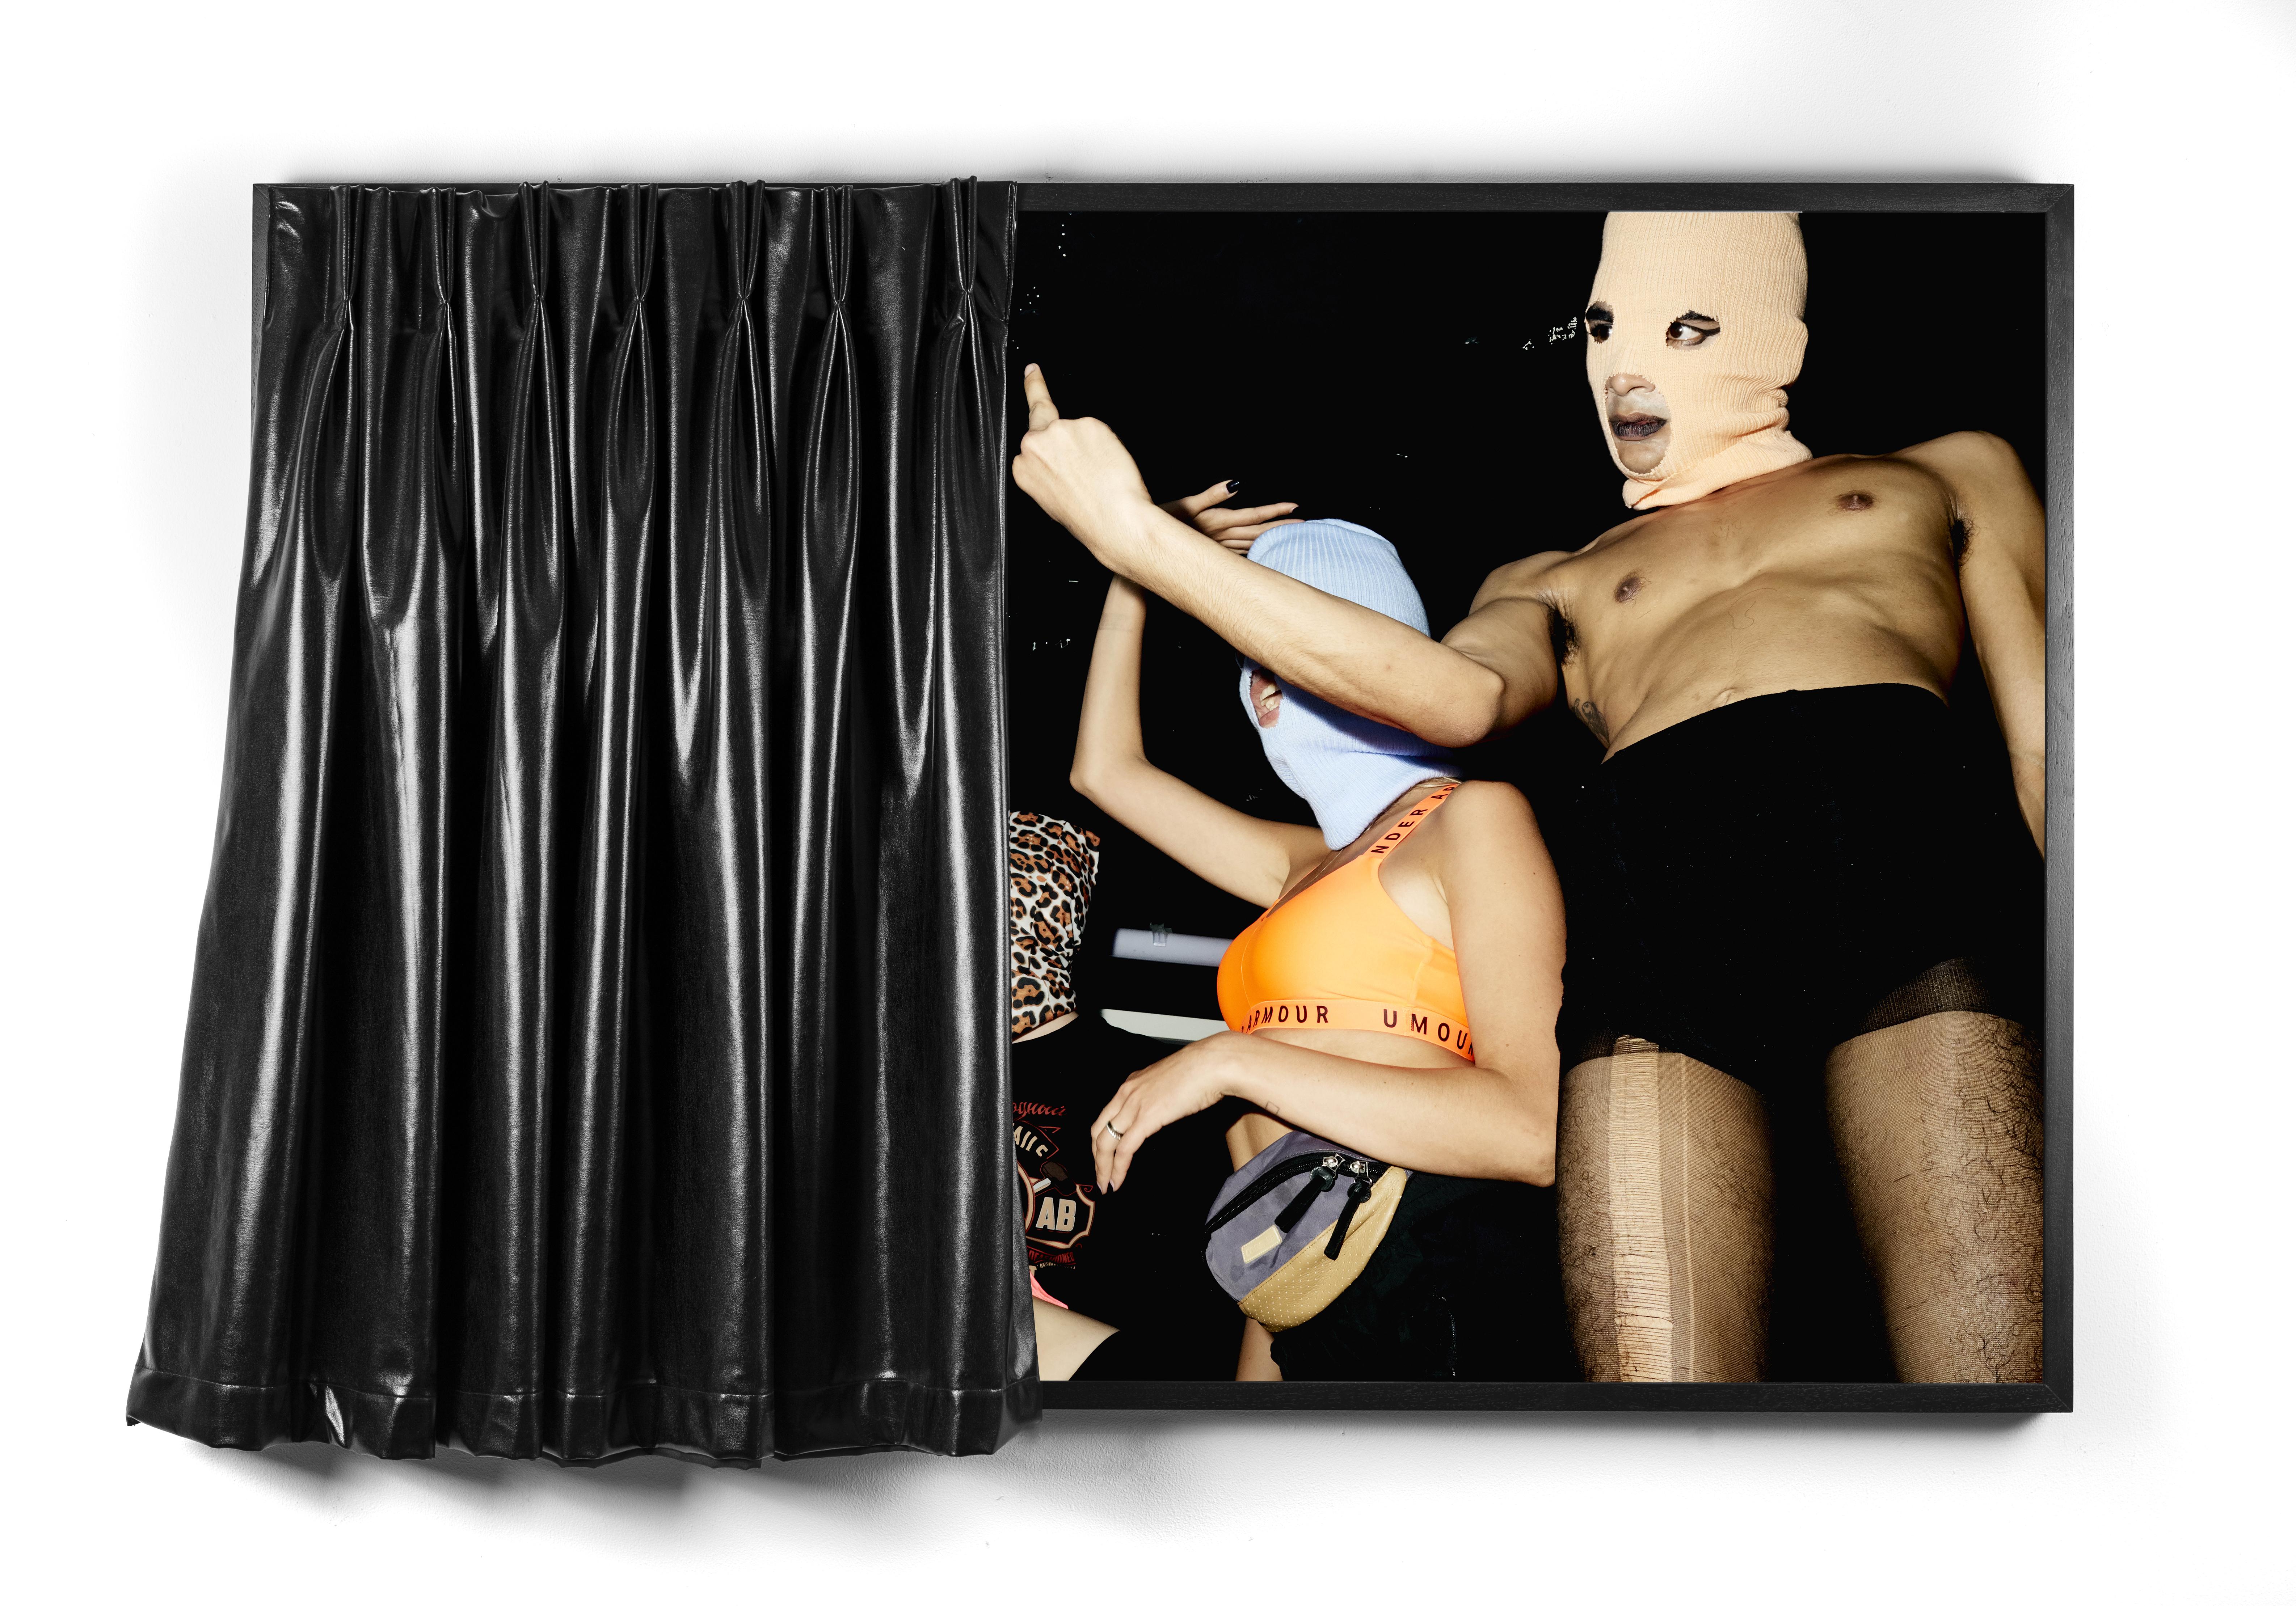 Marinella Senatore, <i>Bodies in Alliance / Politics of the Street IV</i>, 2019. Cortesia da artista e Laveronica arte contemporanea